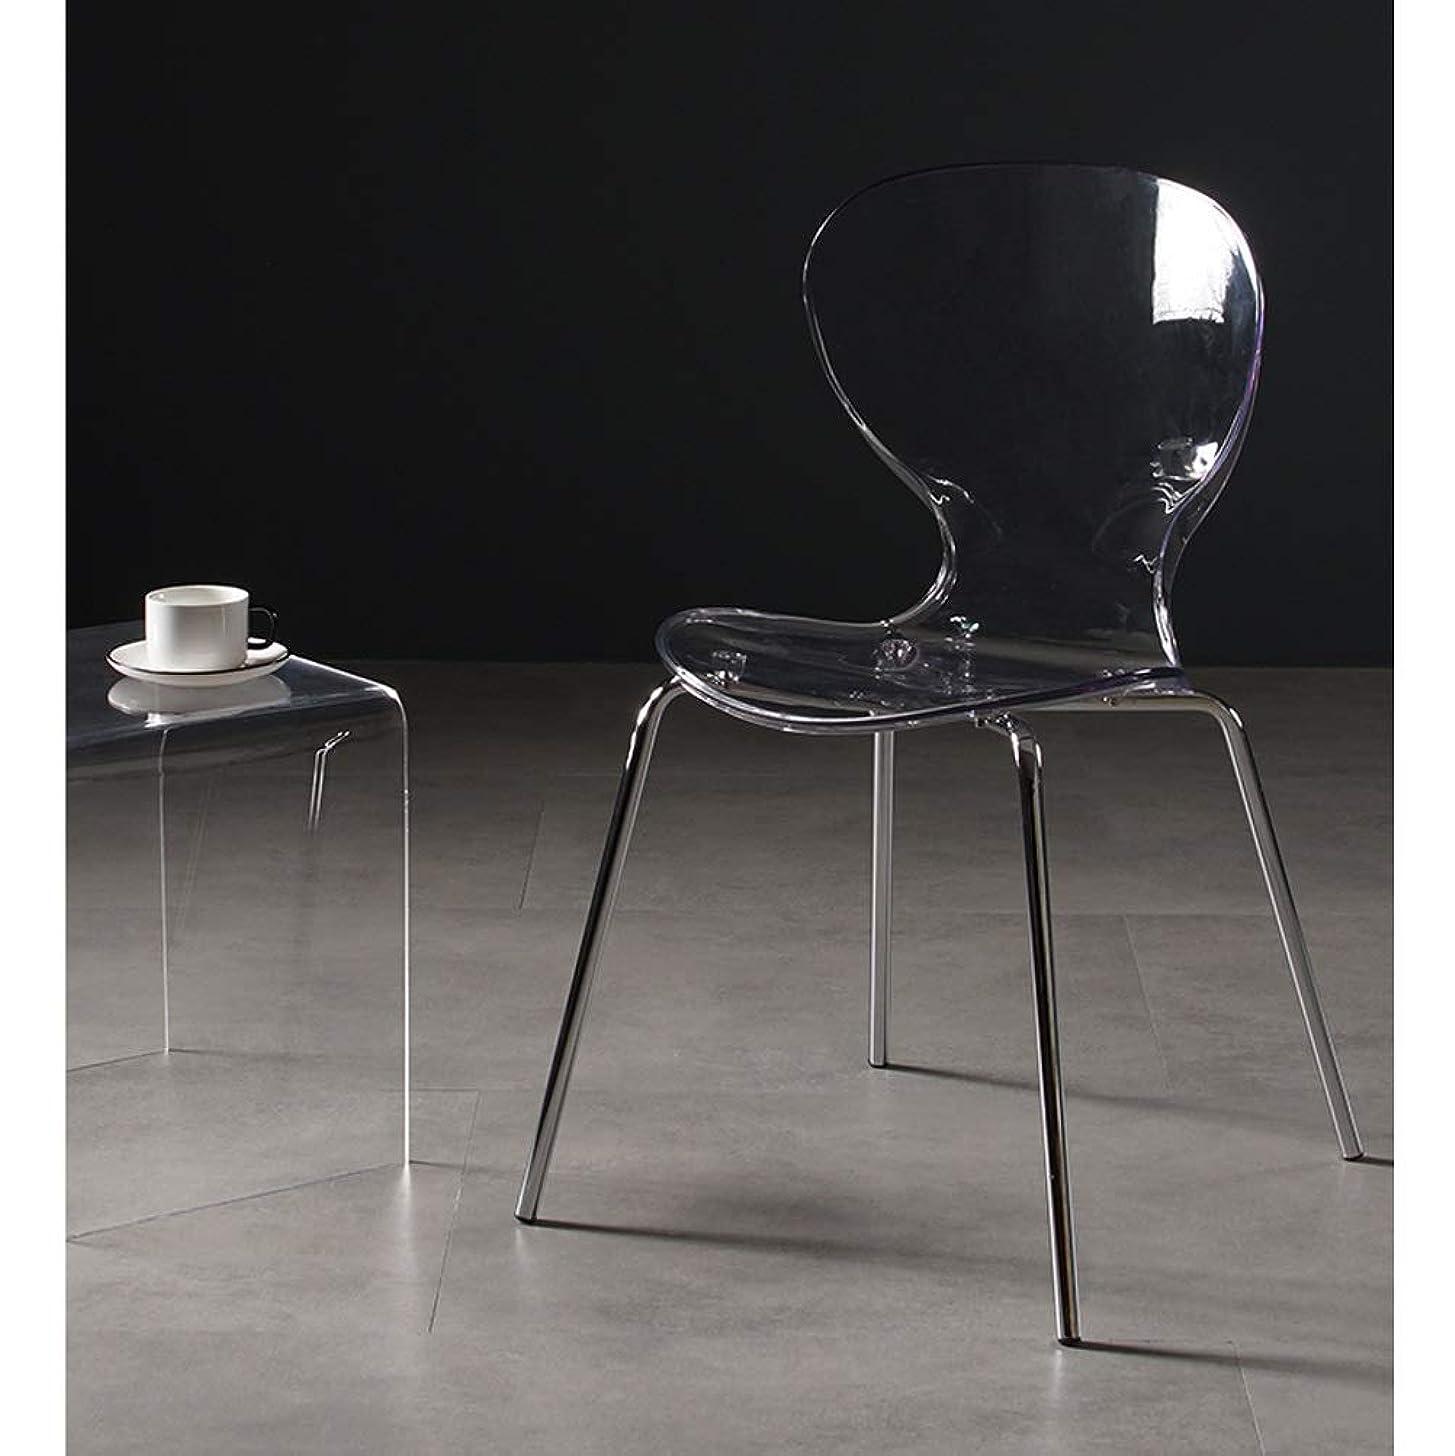 肉一般的に違法LRZS-Furniture クリエイティブアリ椅子、レジャープラスチックダイニングチェア、北欧透明スツール、アクリルシンプルネット赤背もたれオフィスチェア (色 : クリア)